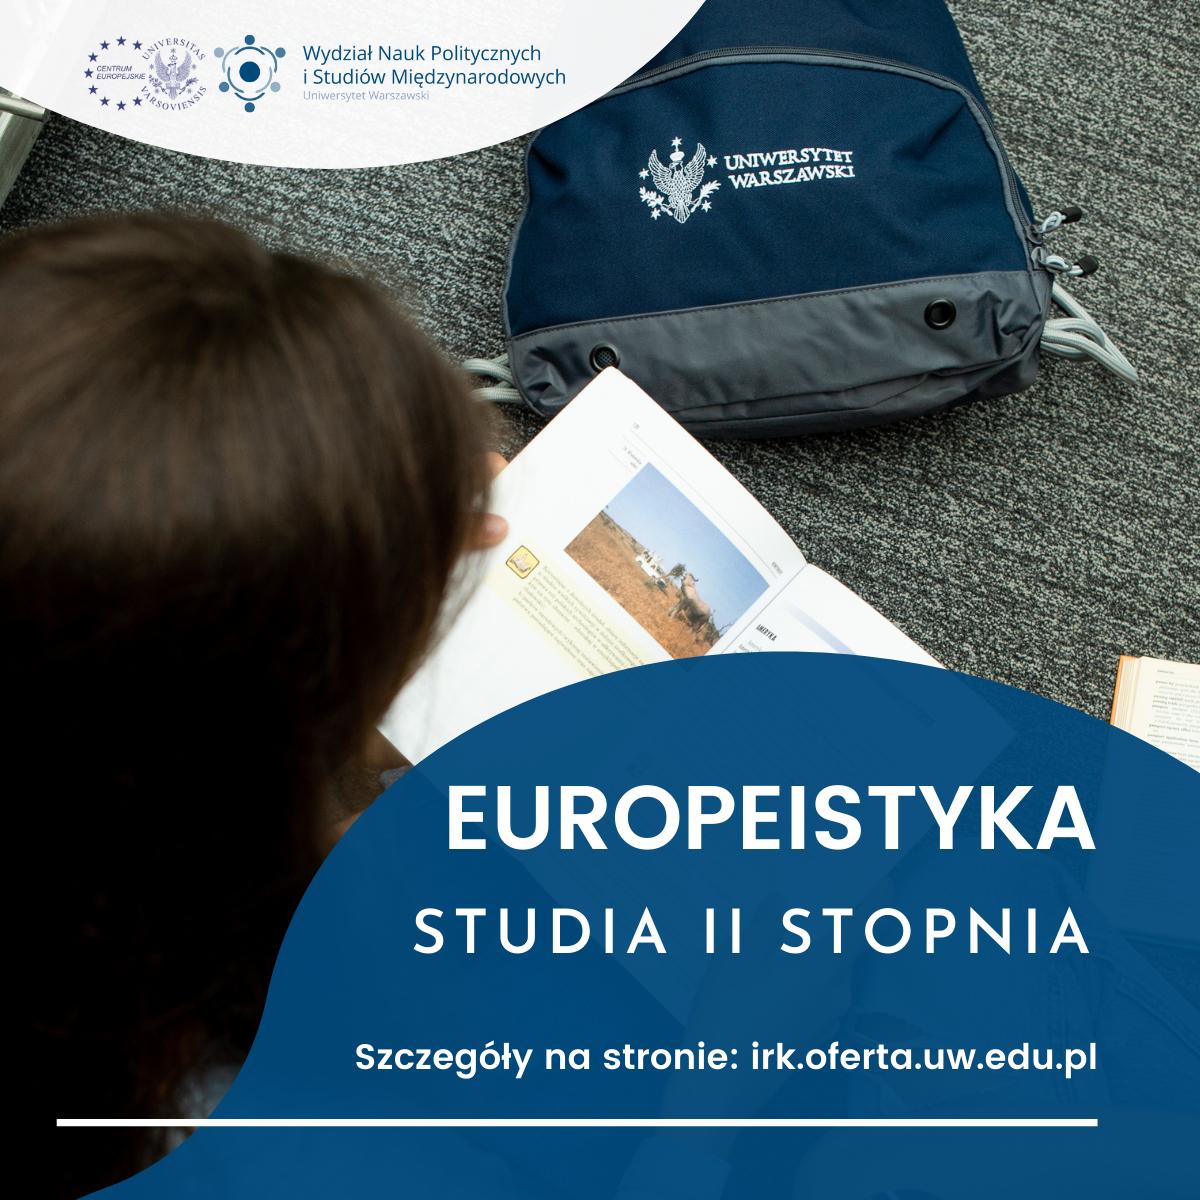 Europeistyka_IIst_2tura